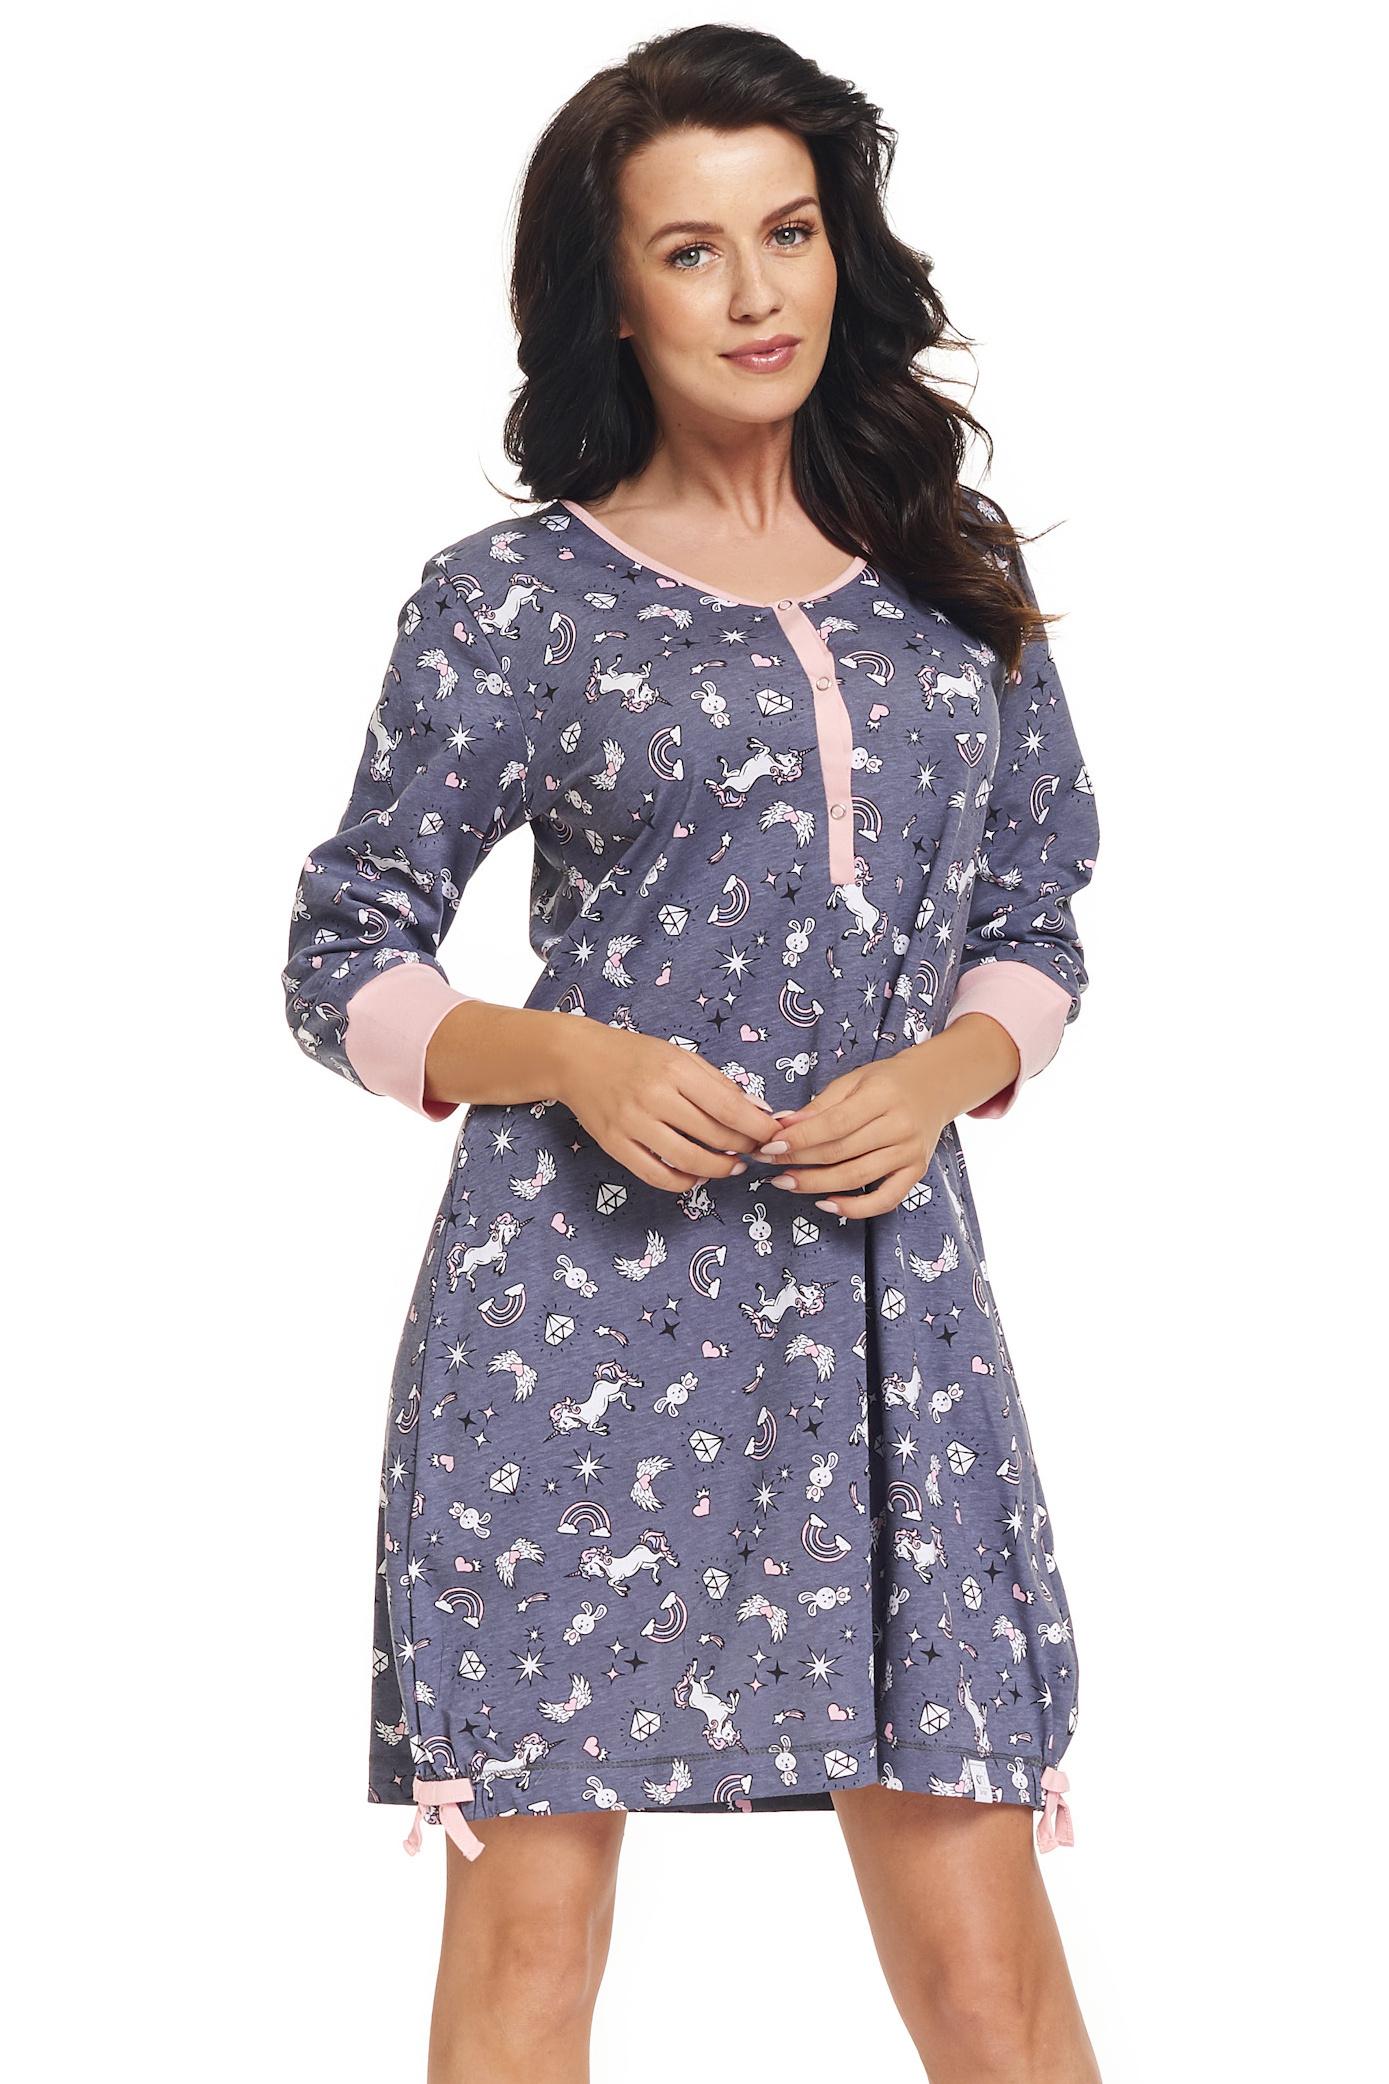 a631ad953ee6 Dámska bavlnená nočná košeľa Peyton sivá - ELEGANT.sk